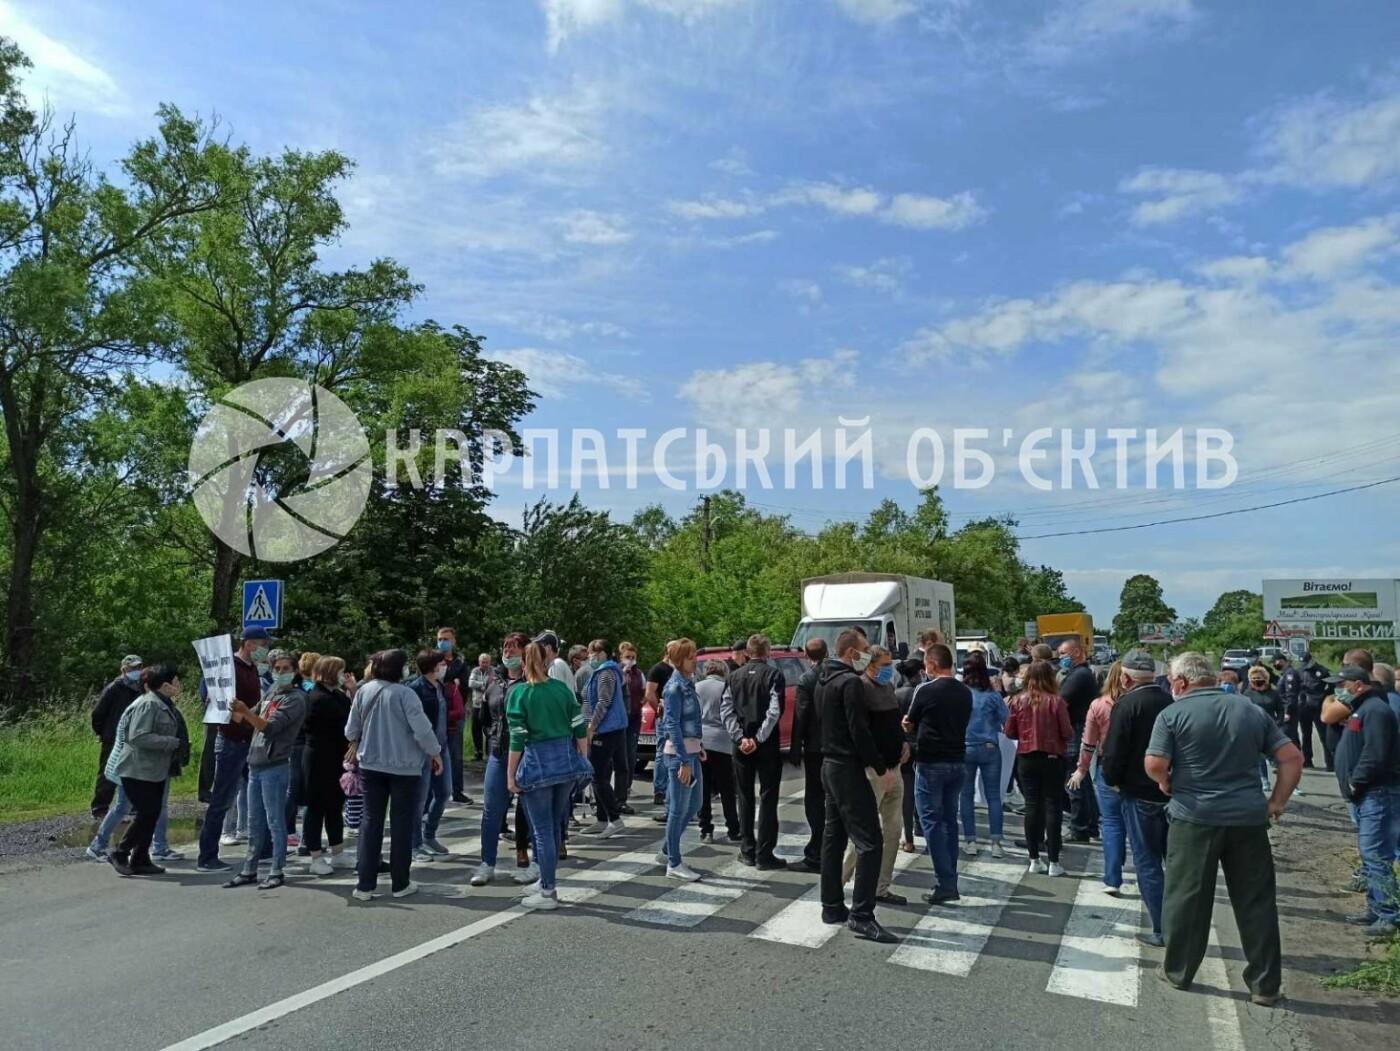 Закарпатці заблокували трасу державного значення Мукачево-Рогатин через об'єднання громади (ФОТО), фото-4